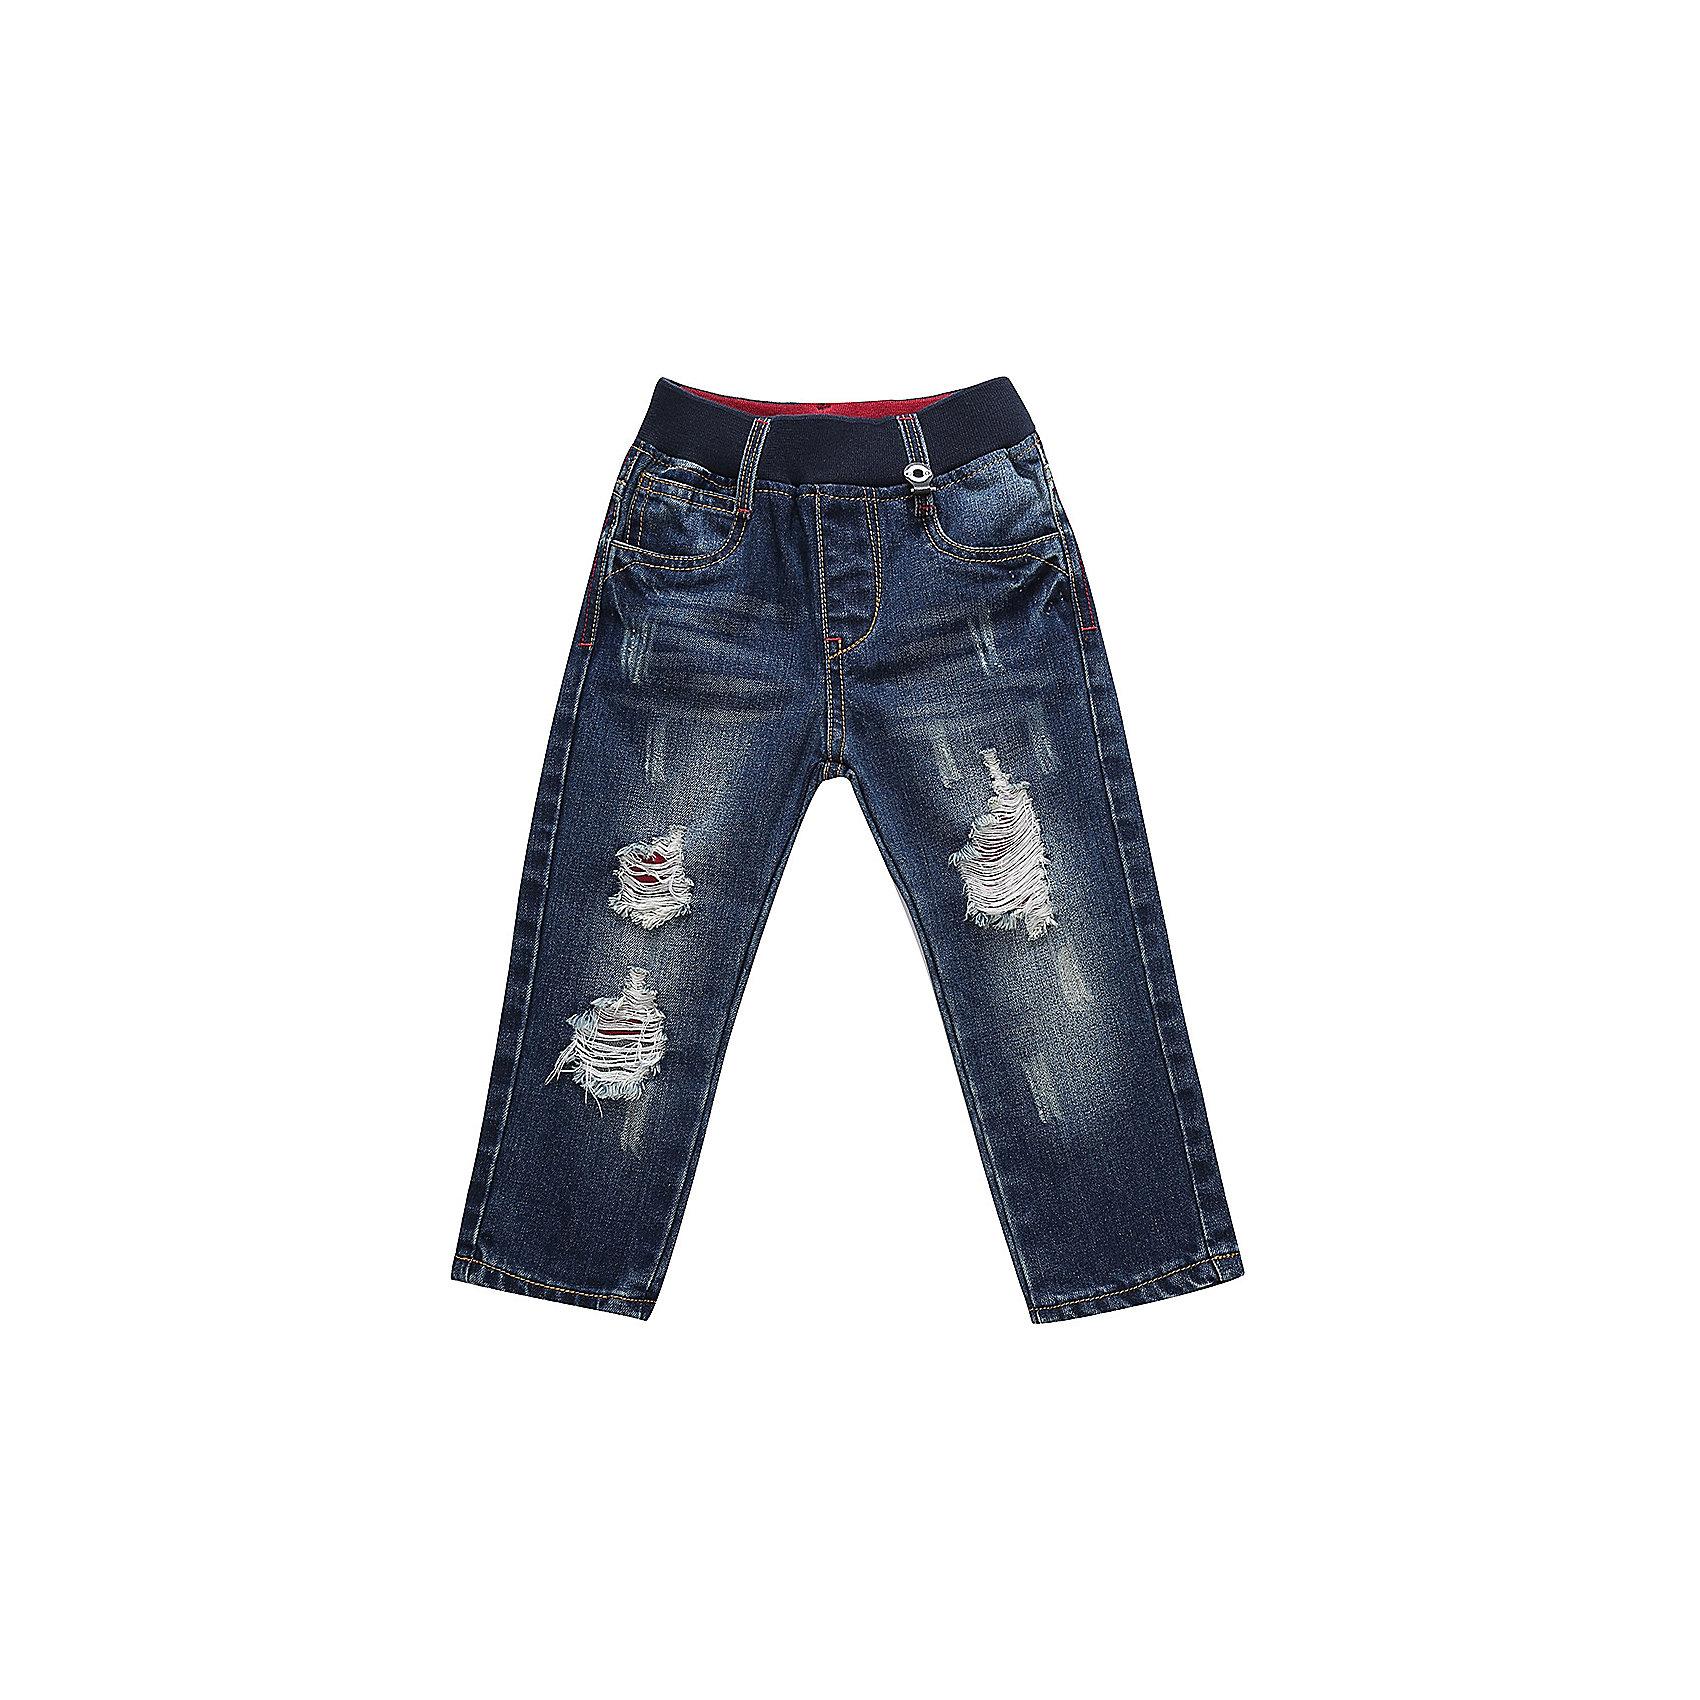 Брюки Sweet Berry для мальчикаДжинсы<br>Брюки Sweet Berry для мальчика<br>Модные джинсовые брюки для мальчика с эффектом рваной джинсы на мягком эластичном поясе.  Прямой крой.Шлевки на поясе рассчитаны под ремень<br>Состав:<br>100% хлопок<br><br>Ширина мм: 215<br>Глубина мм: 88<br>Высота мм: 191<br>Вес г: 336<br>Цвет: синий<br>Возраст от месяцев: 24<br>Возраст до месяцев: 36<br>Пол: Мужской<br>Возраст: Детский<br>Размер: 98,80,86,92<br>SKU: 7095609